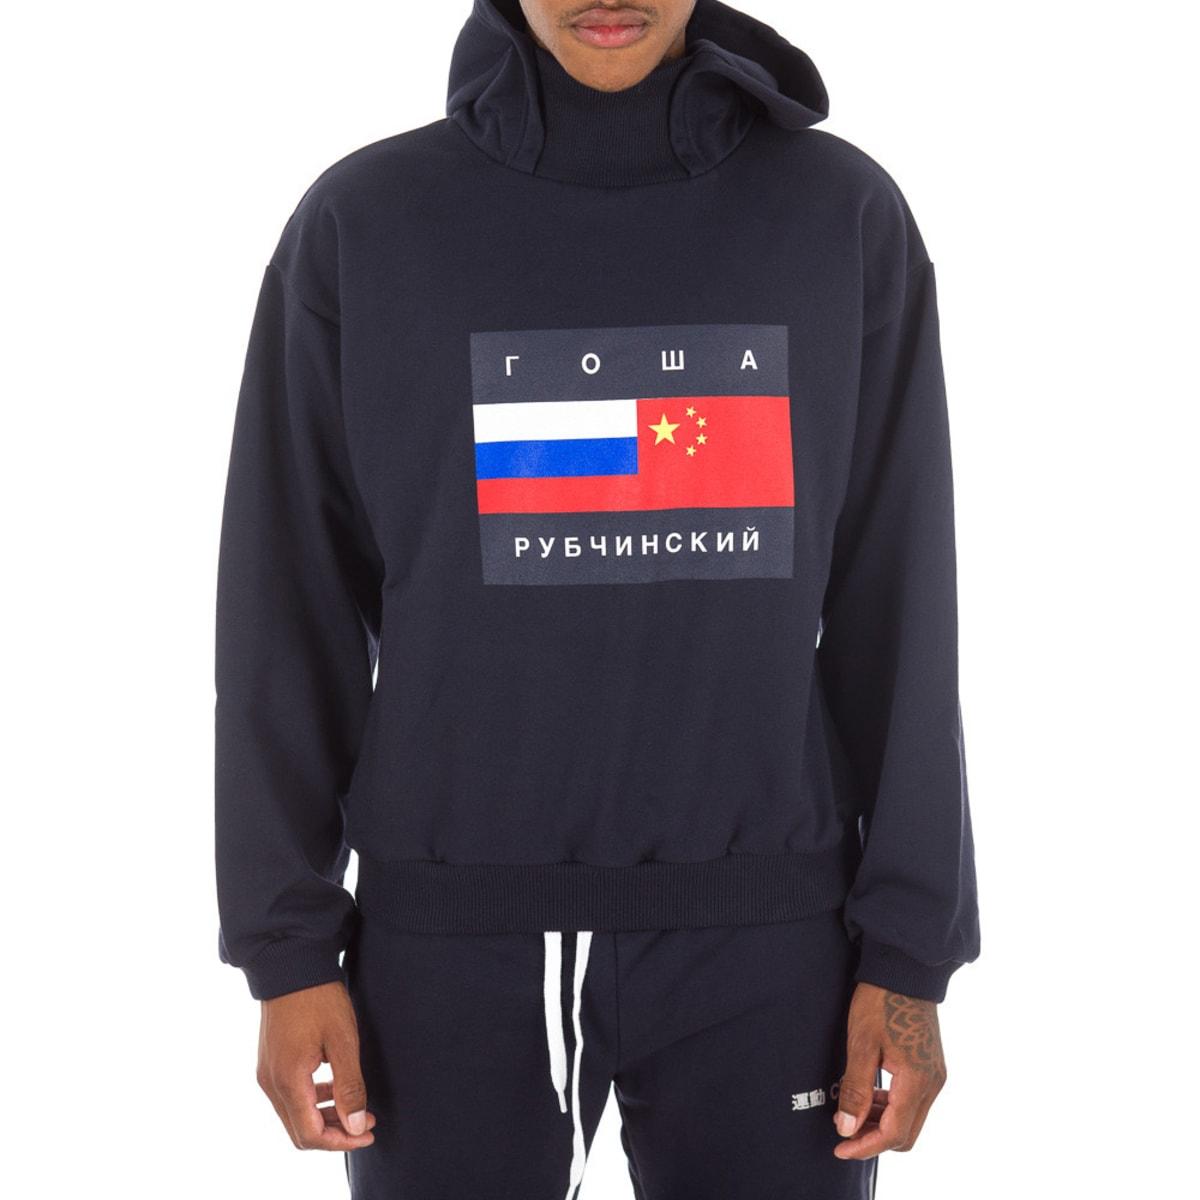 A ap hoodie